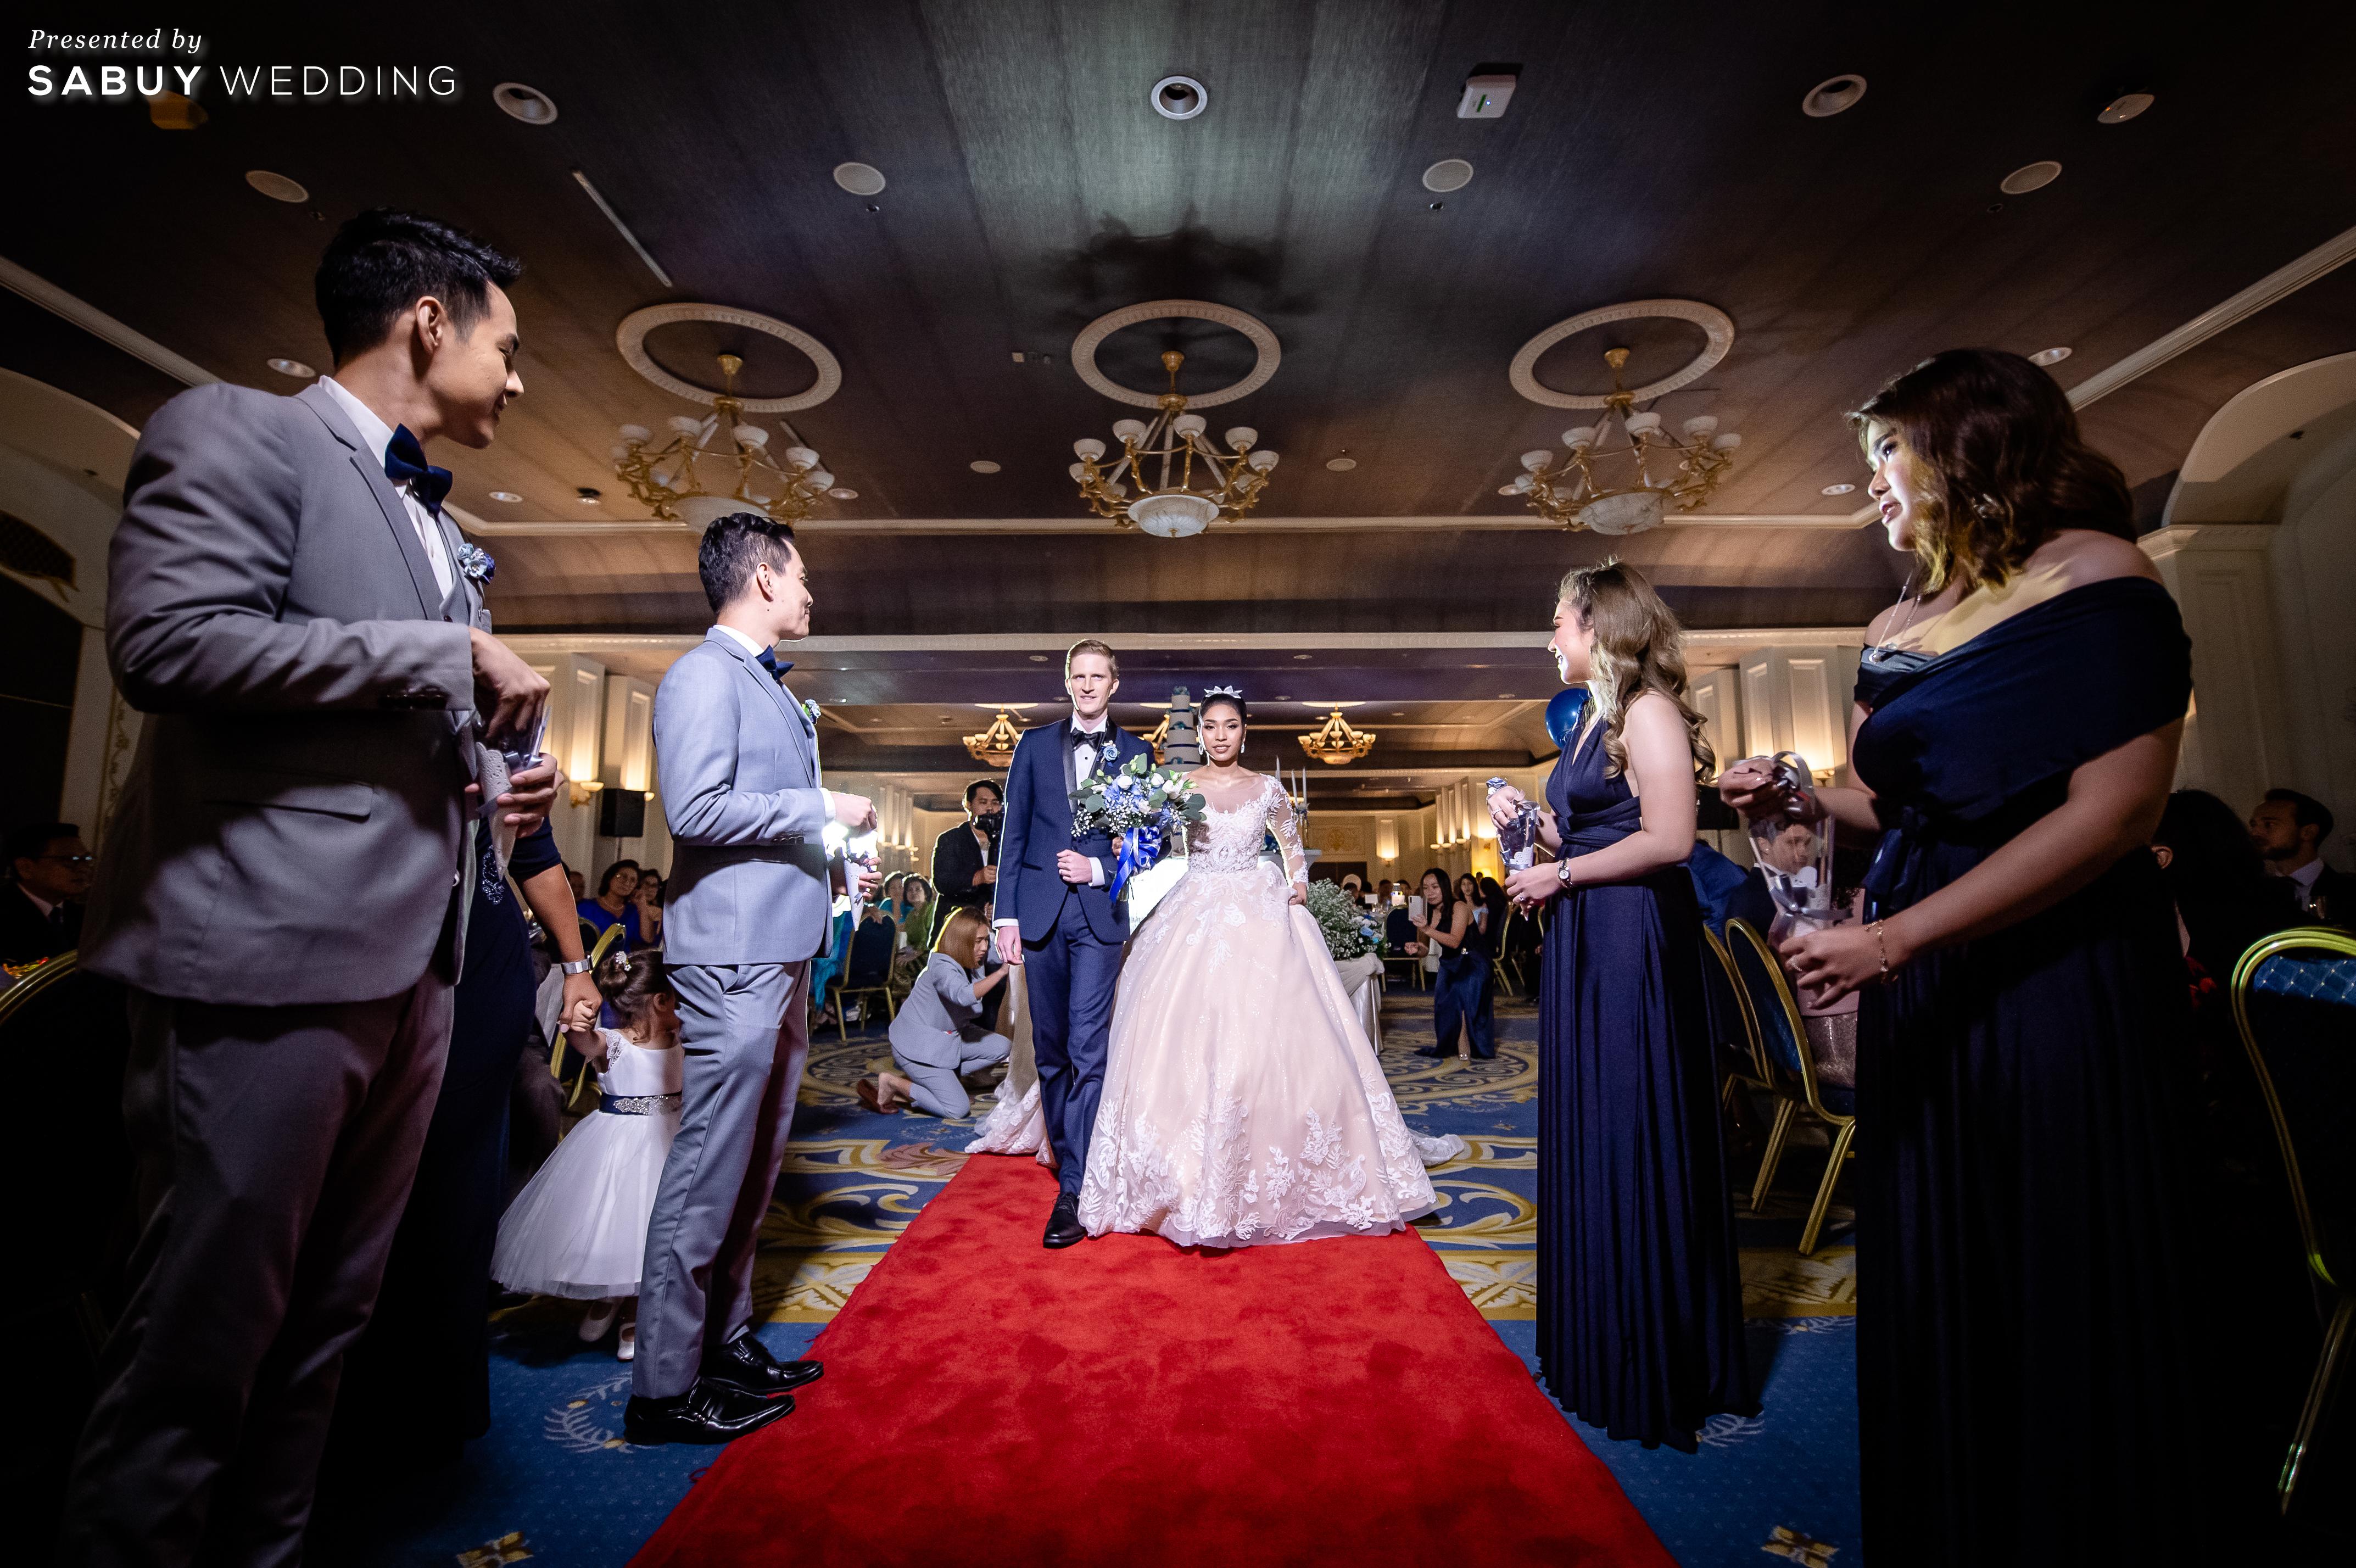 งานแต่งงาน,เจ้าบ่าว,เจ้าสาว รีวิวงานแต่งสองวัฒนธรรม สวยปัง ดูคลาสสิก @ Impact Muang Thong Thani